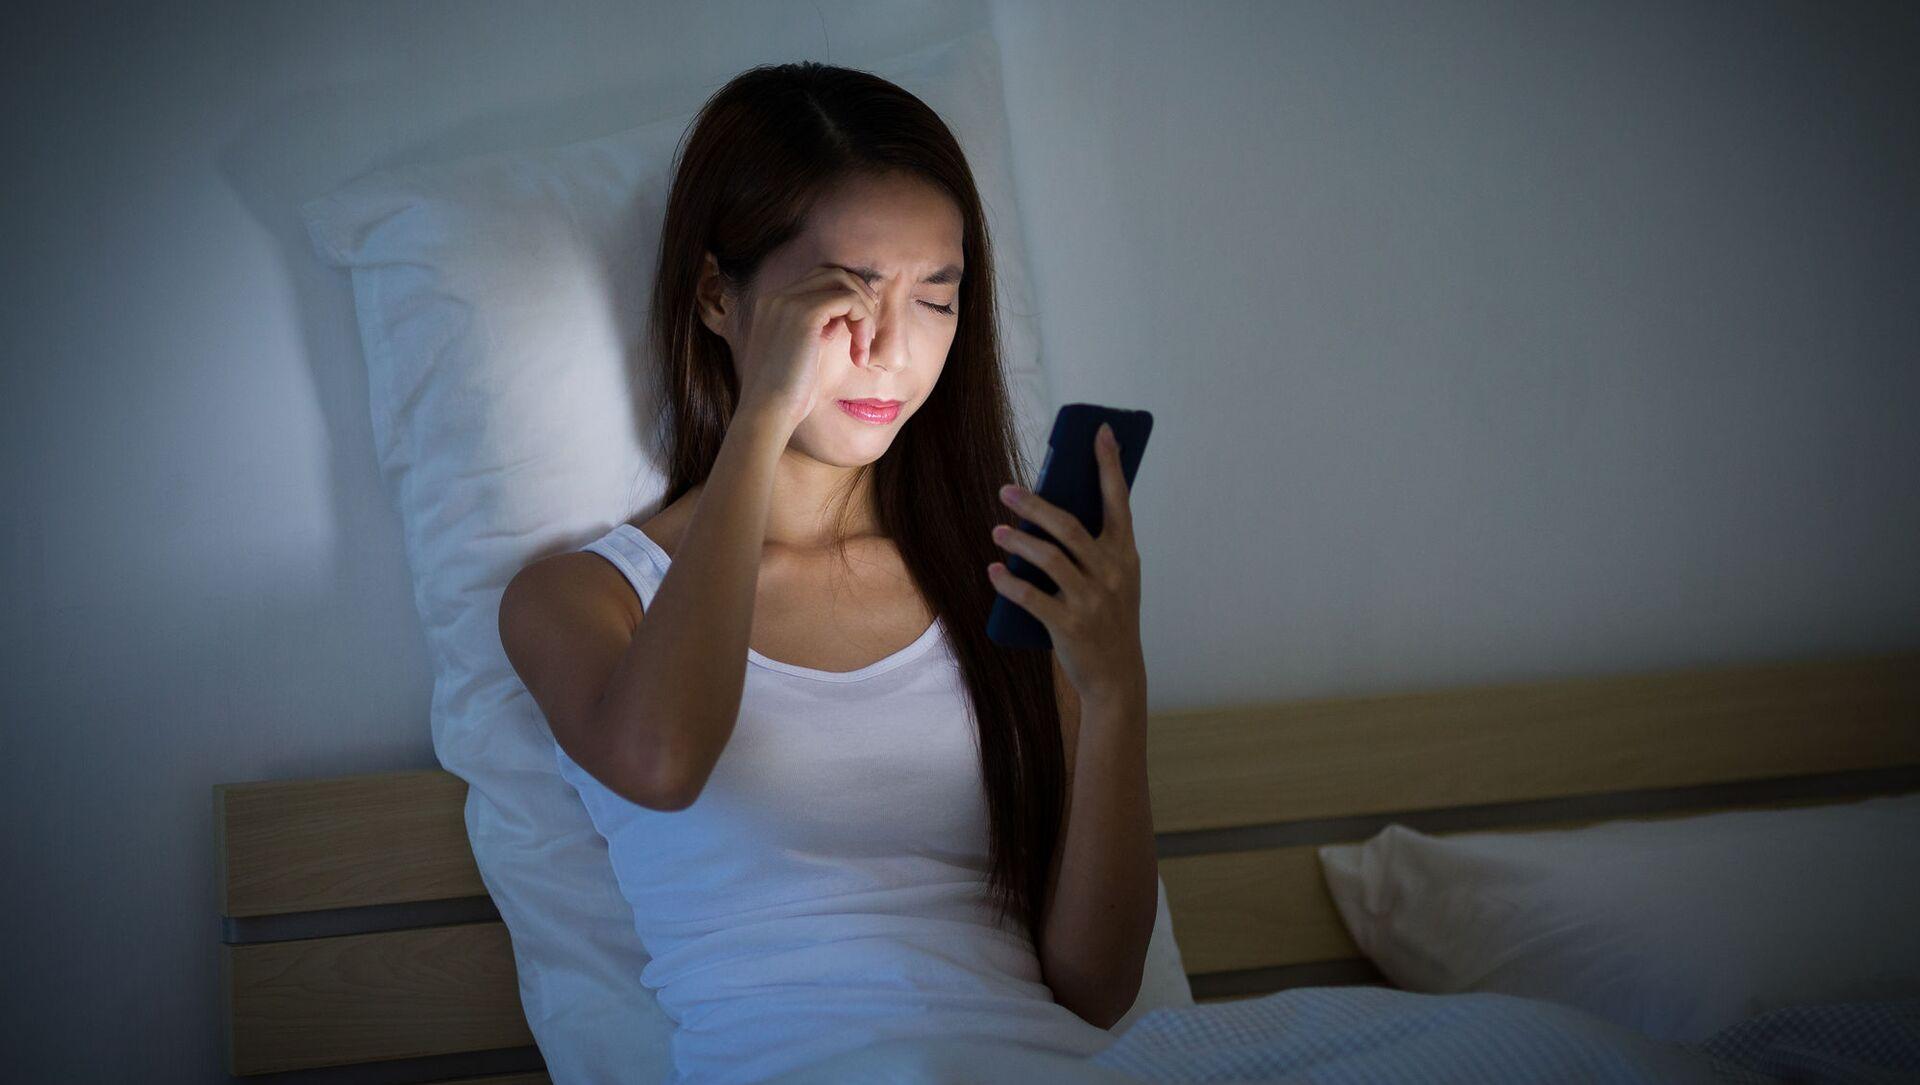 Cô gái nhìn vào điện thoại trên giường - Sputnik Việt Nam, 1920, 18.09.2021